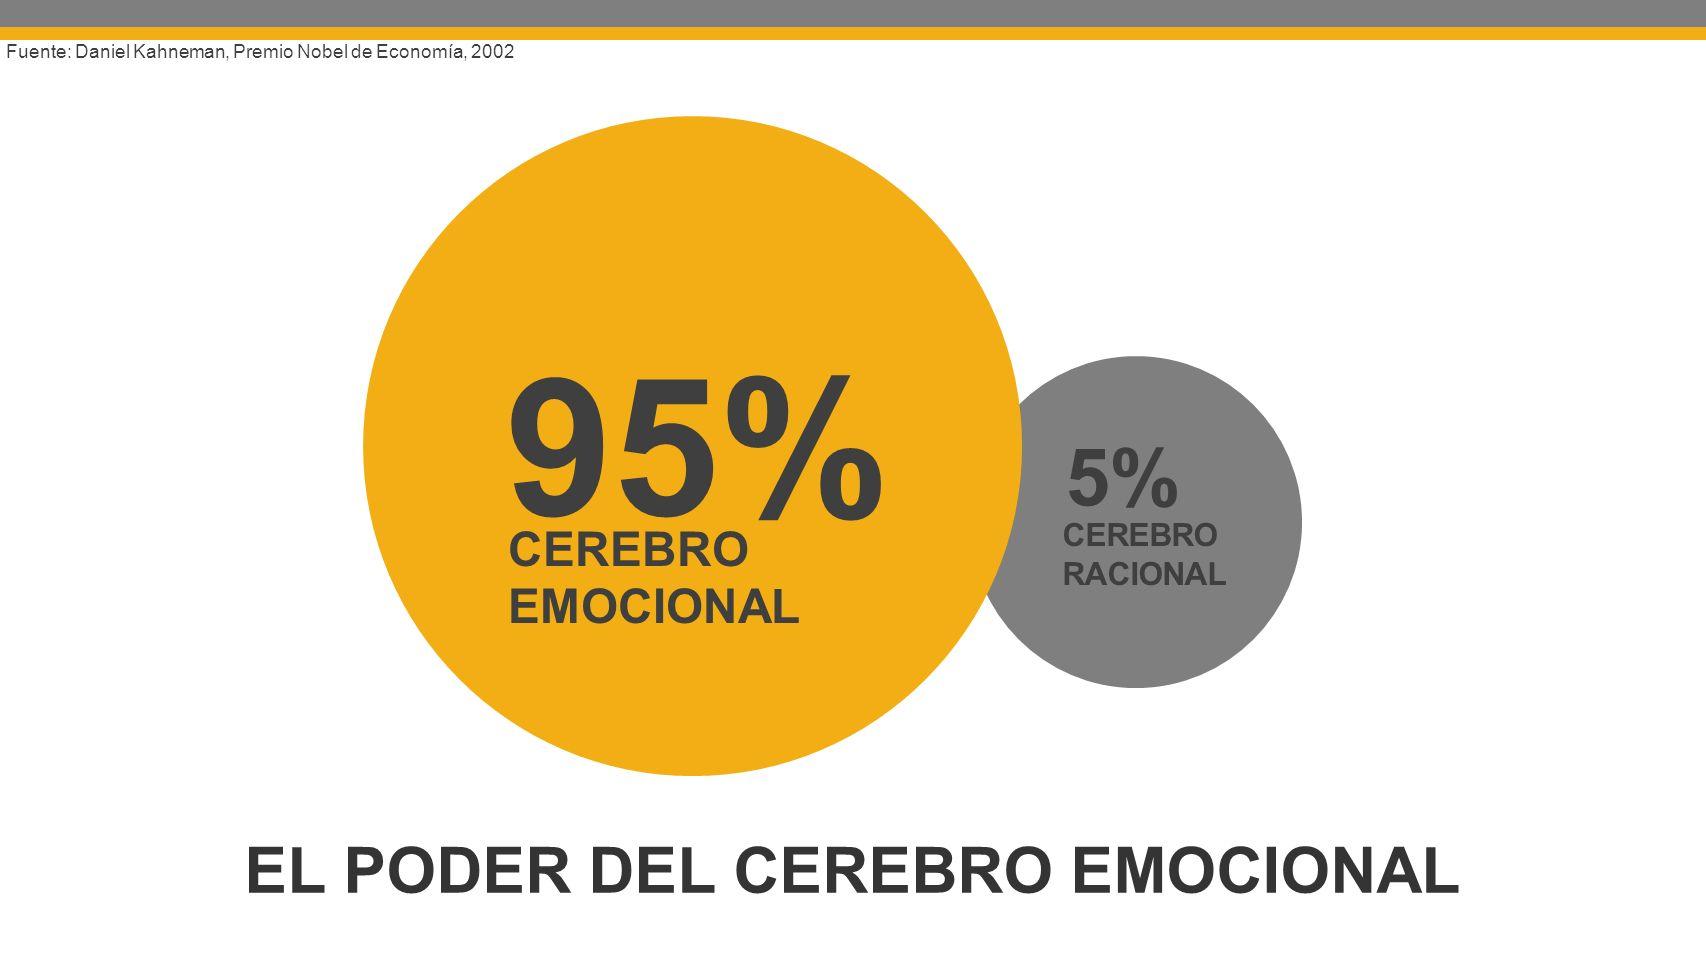 CEREBRO EMOCIONAL 95% CEREBRO RACIONAL 5% Fuente: Daniel Kahneman, Premio Nobel de Economía, 2002 EL PODER DEL CEREBRO EMOCIONAL